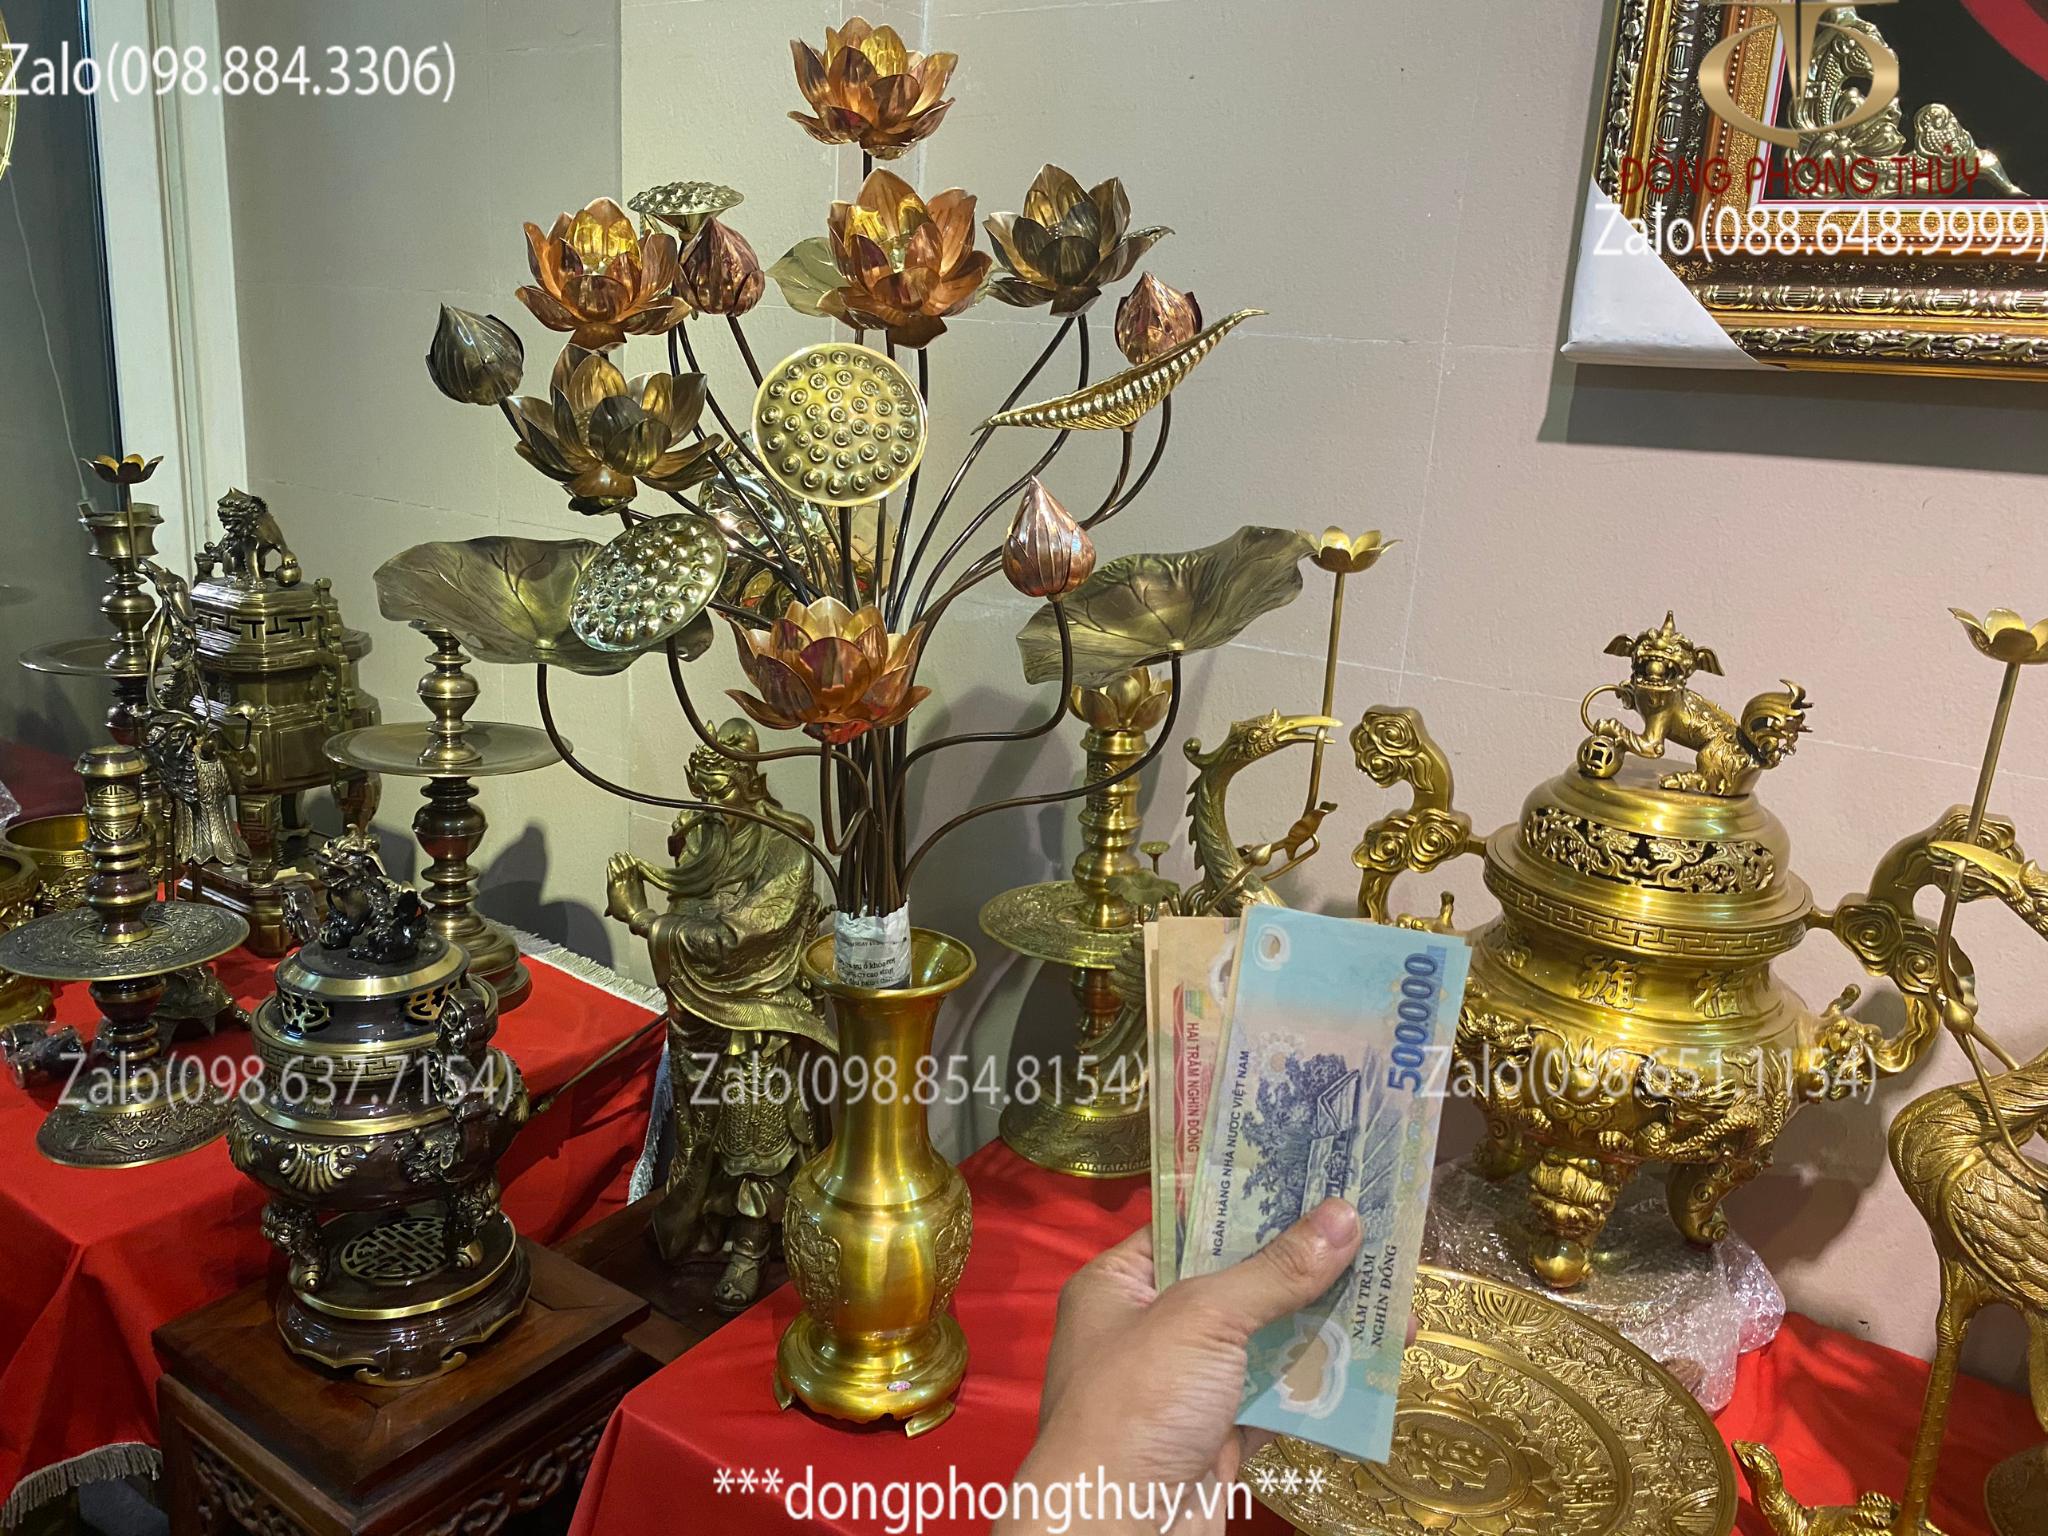 Lọ hoa 35cm vàng đậm vàng bó hoa đồng 20 cành